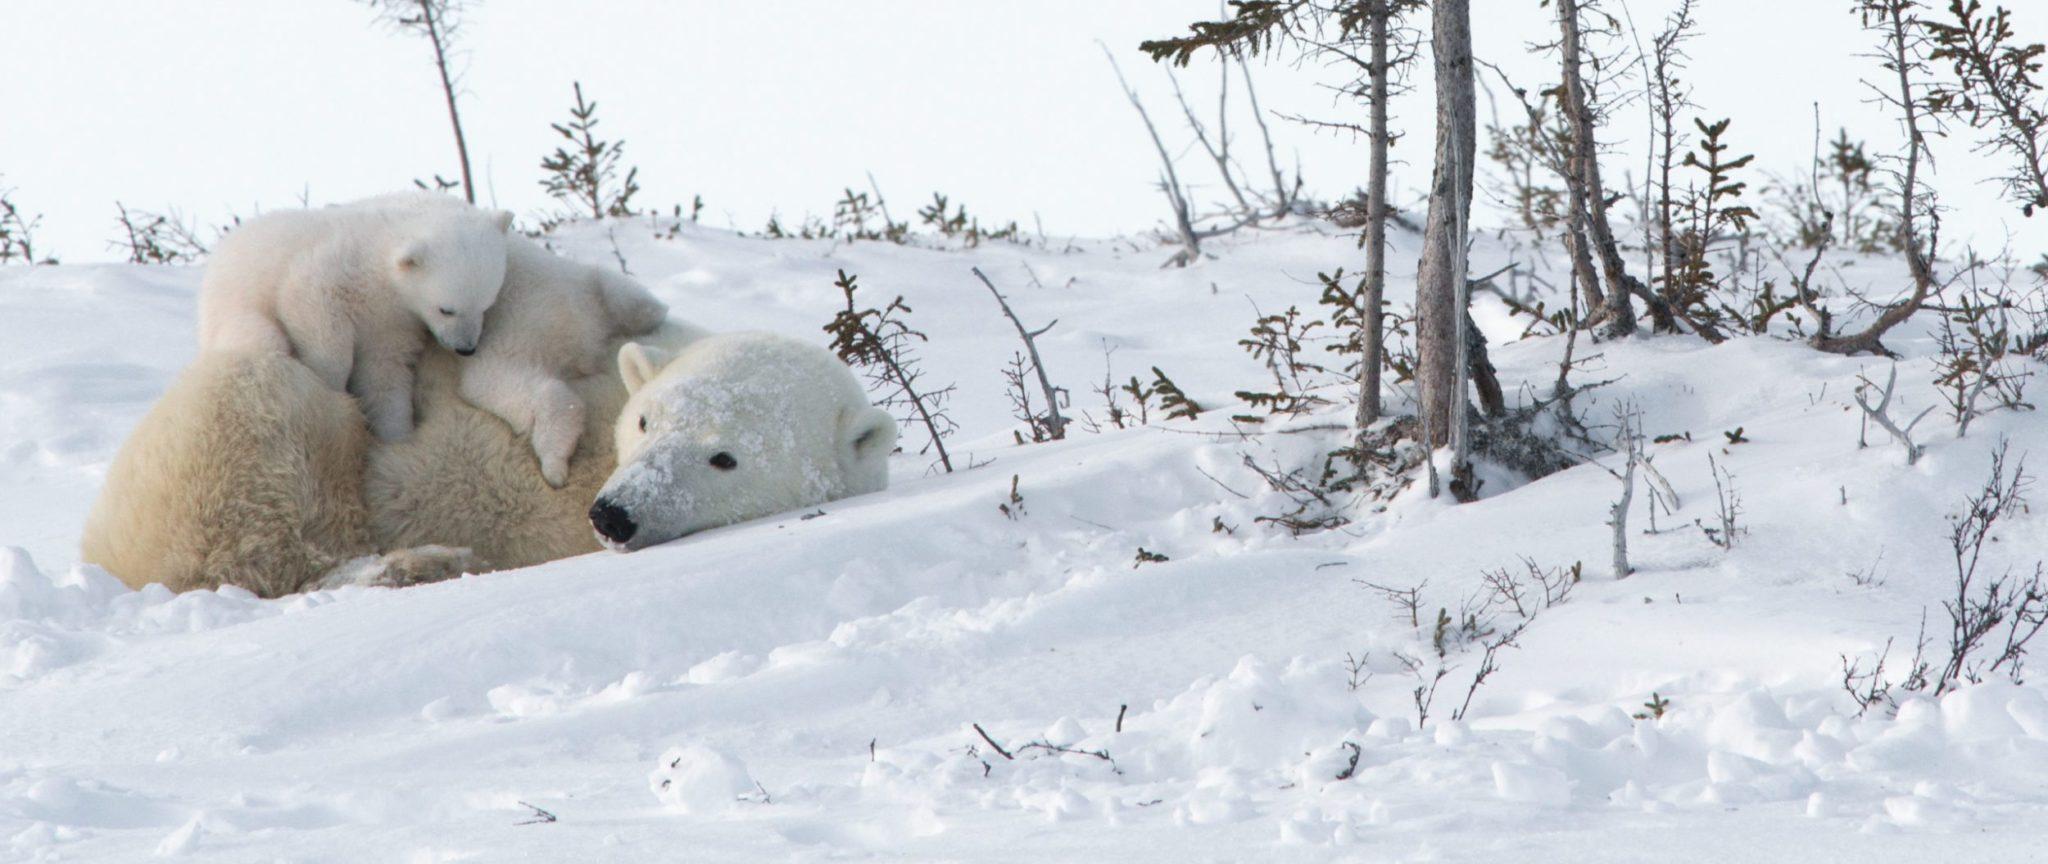 Mother And Cubs Polar Bear Photography Safari | Arctic Kingdom